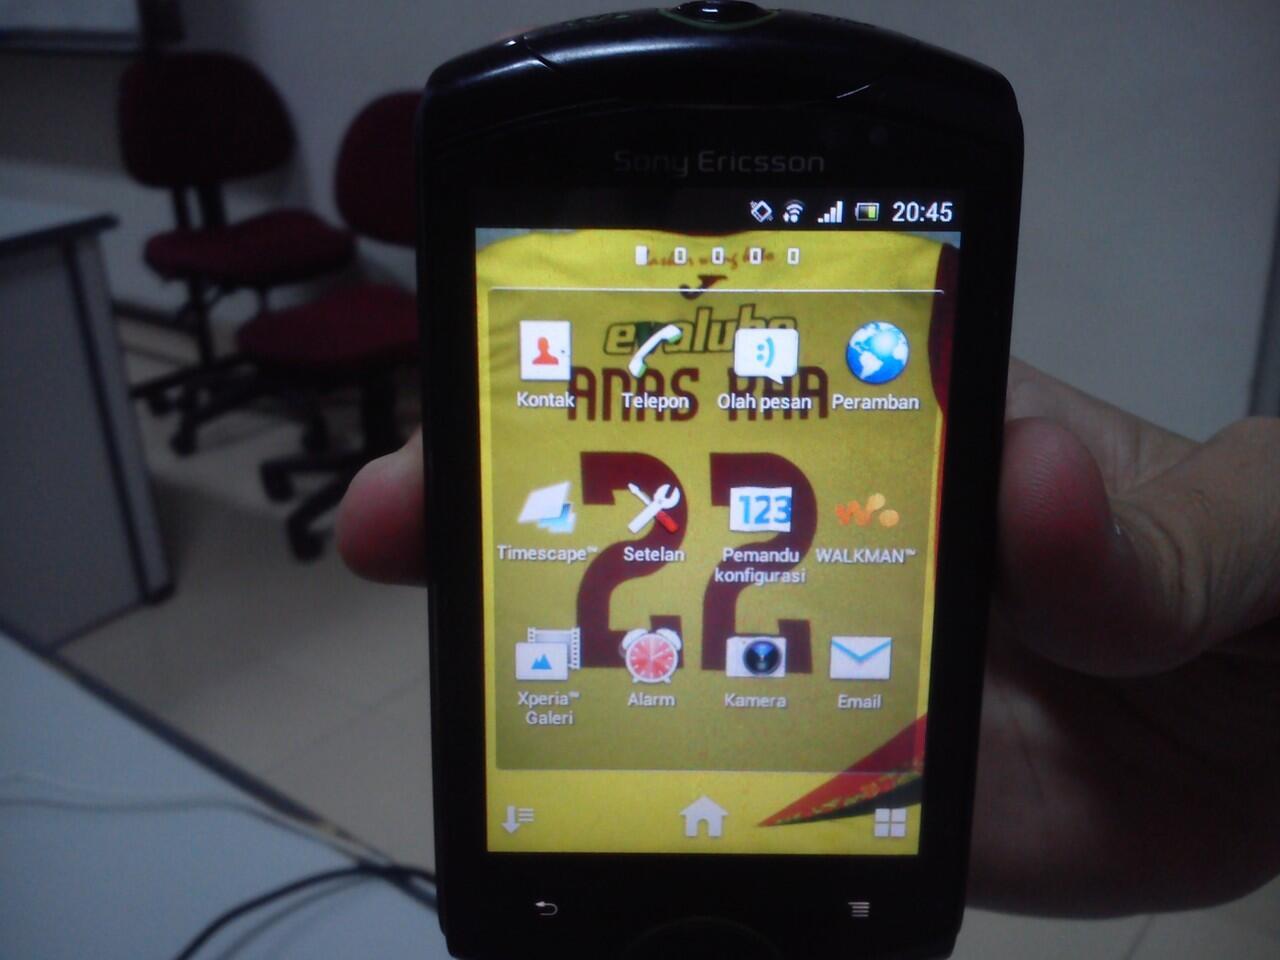 Jual Cepat Sony Ericsson WT19I jogja [Muluuuuuus] istimewaaa gan :D